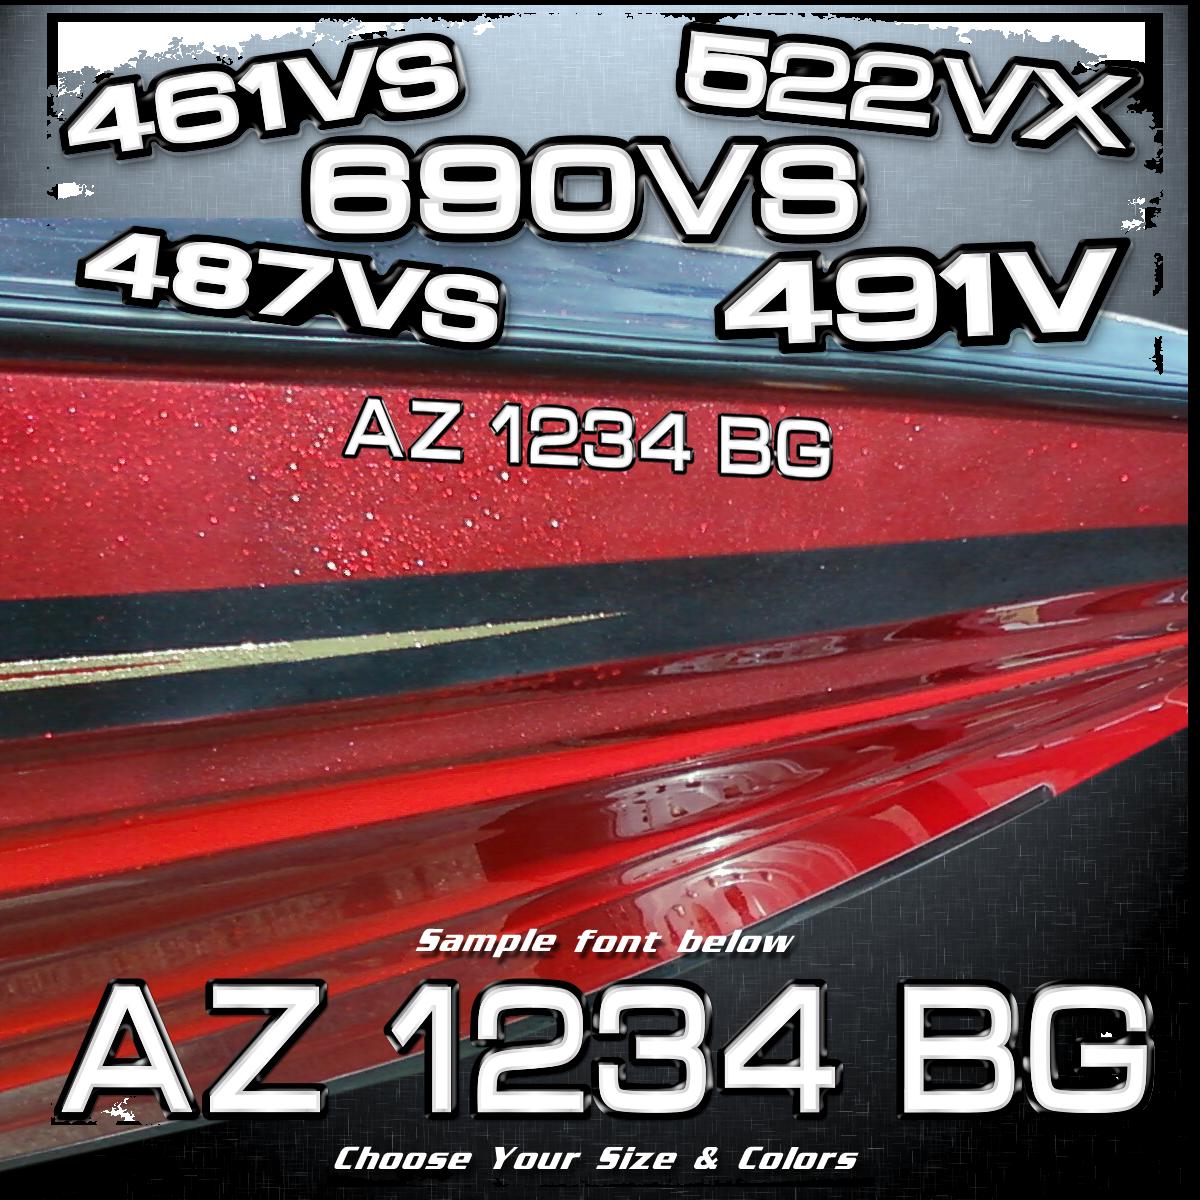 Ranger Model Number Font Registration, Choose Your Colors (2 included)